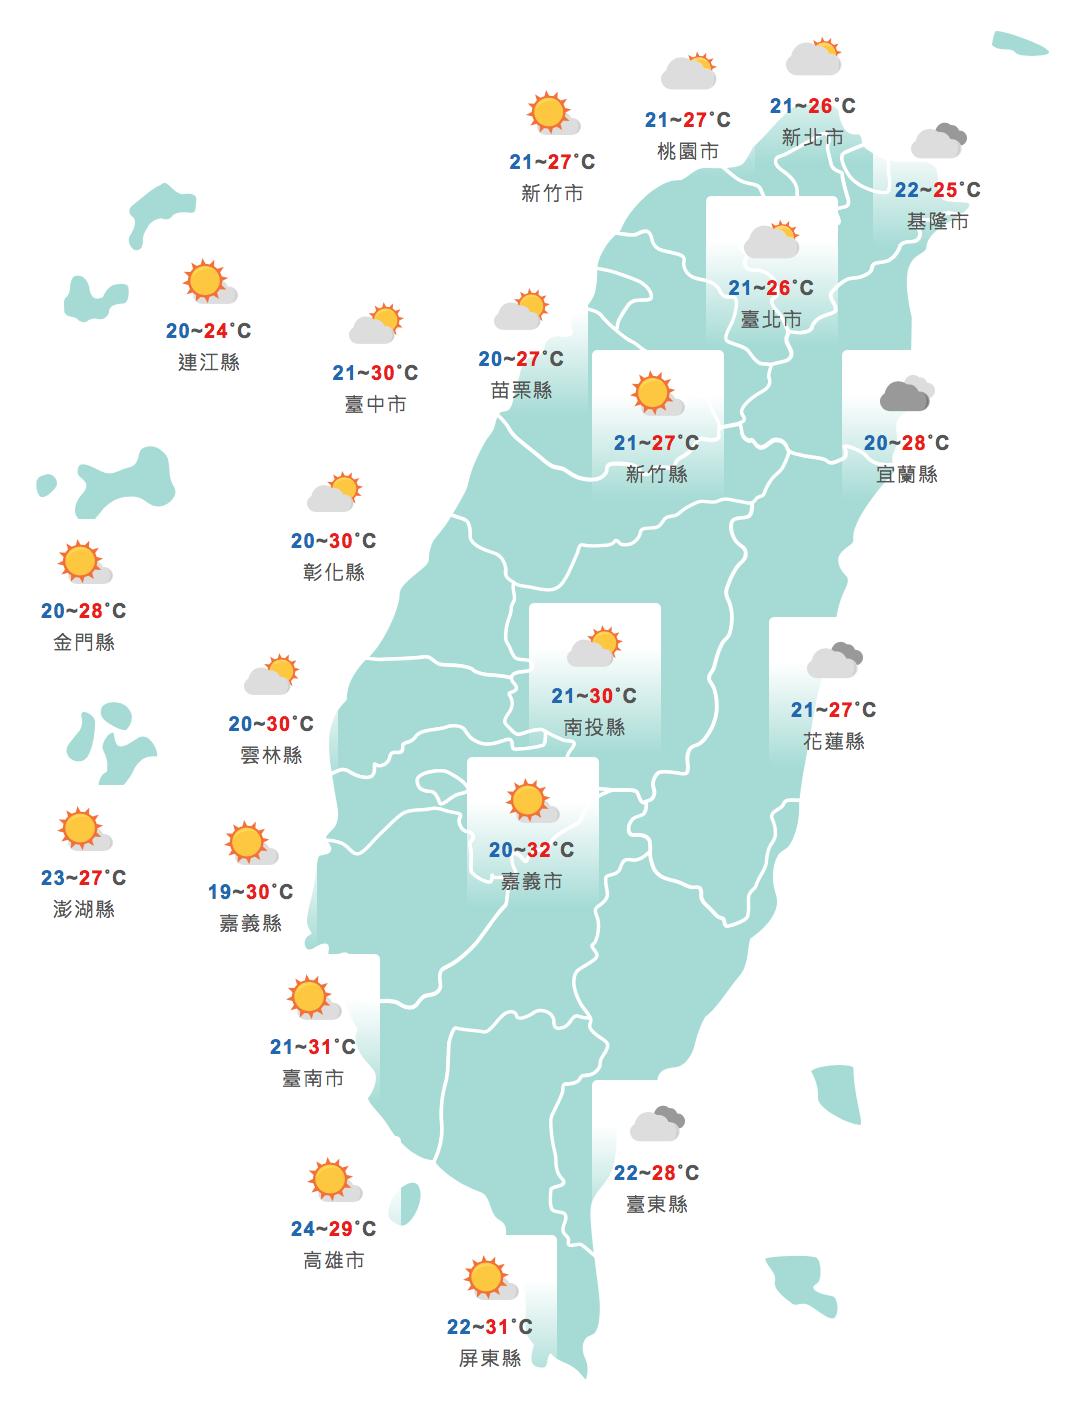 中南部明天日夜溫差大。圖/取自中央氣象局網站